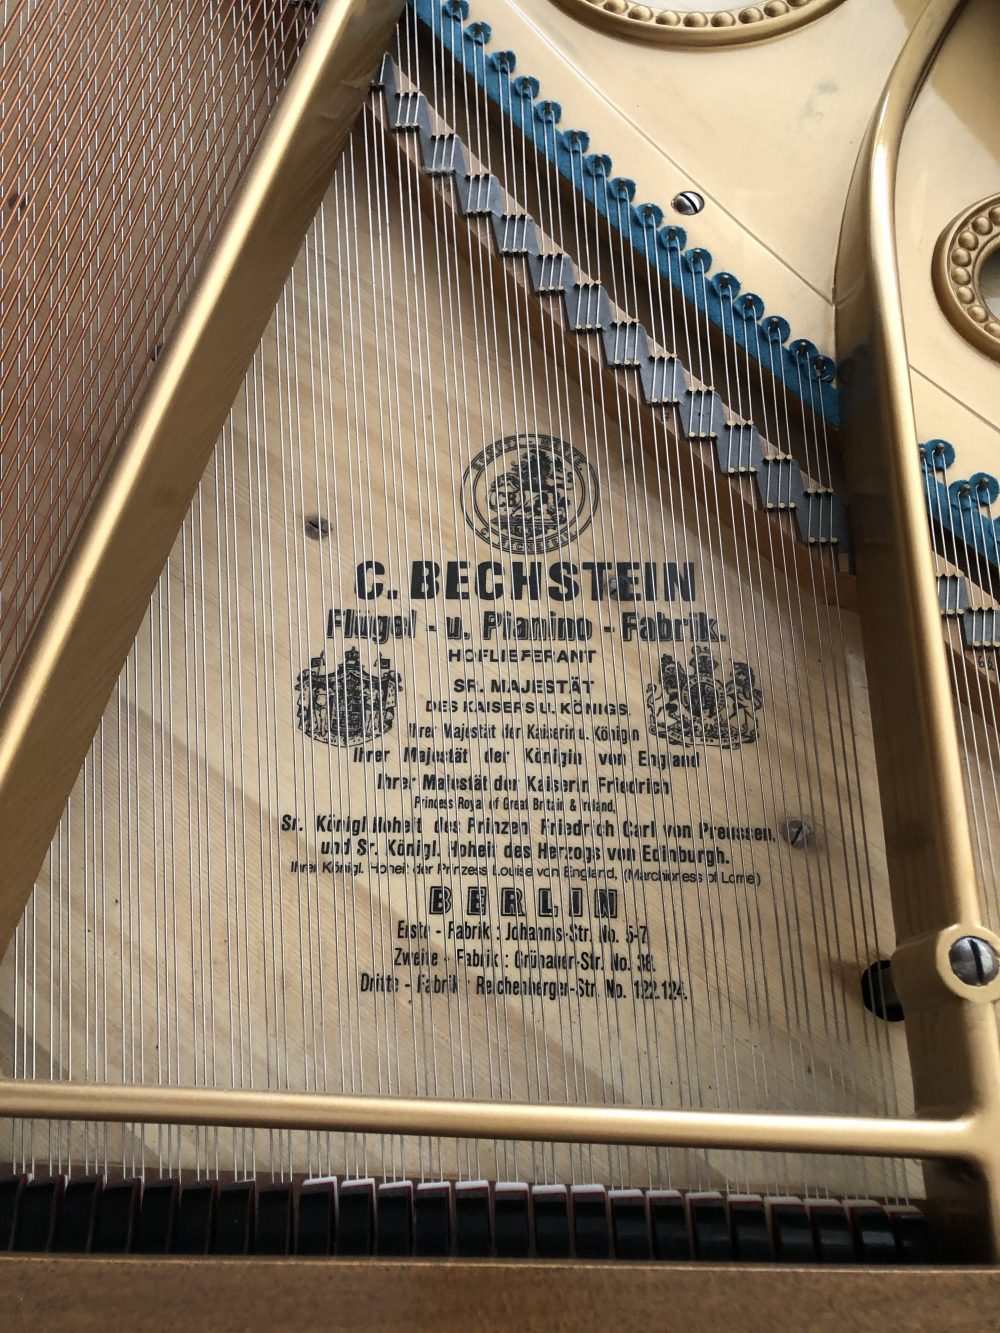 C.Bechstein Grand